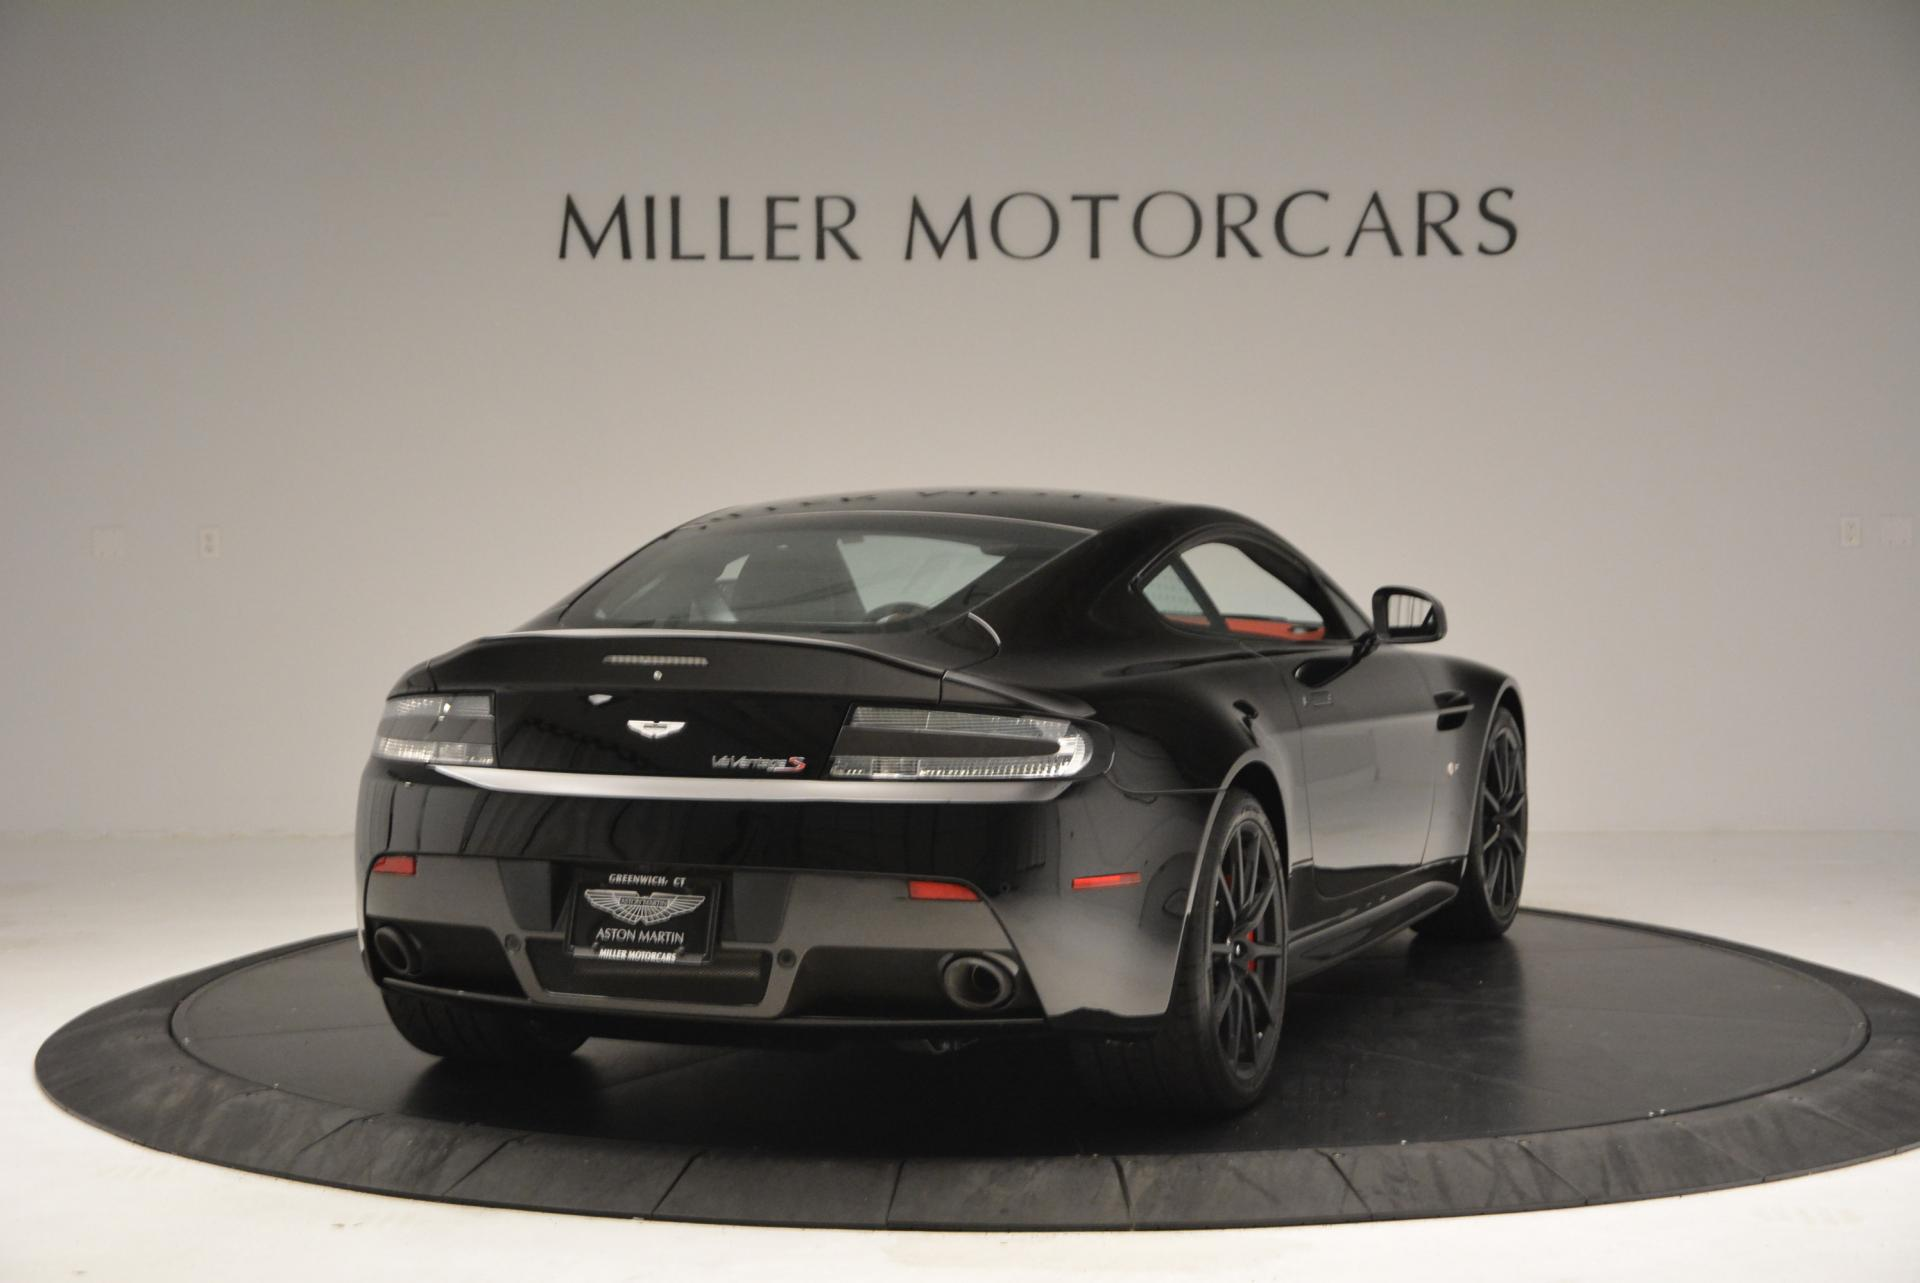 New 2015 Aston Martin V12 Vantage S  For Sale In Greenwich, CT. Alfa Romeo of Greenwich, A1154 103_p7